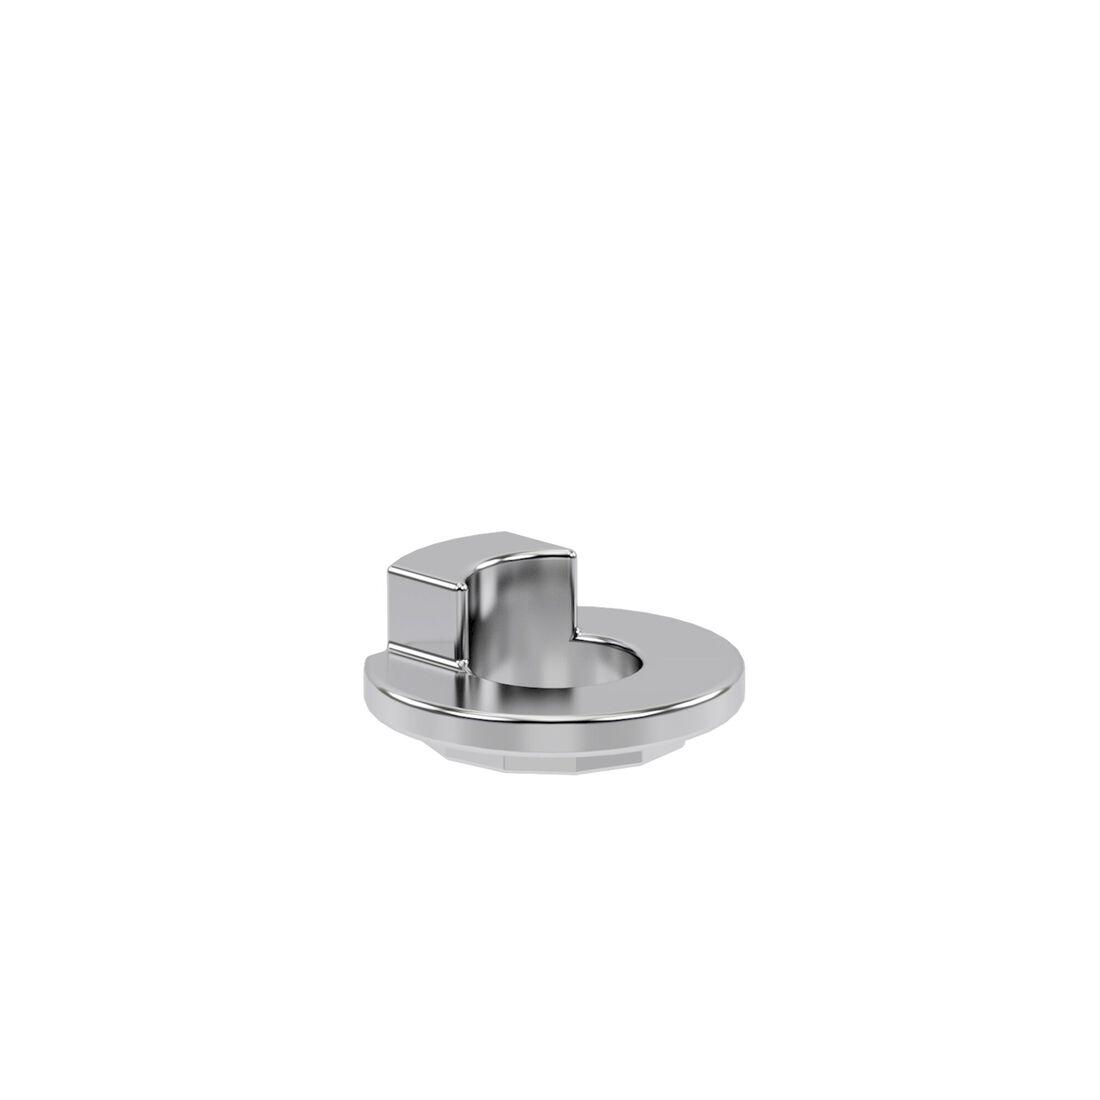 CYBEX Abstandshalter für Vollachsen 2,5 in Silver - 2.5mm large Bild 1